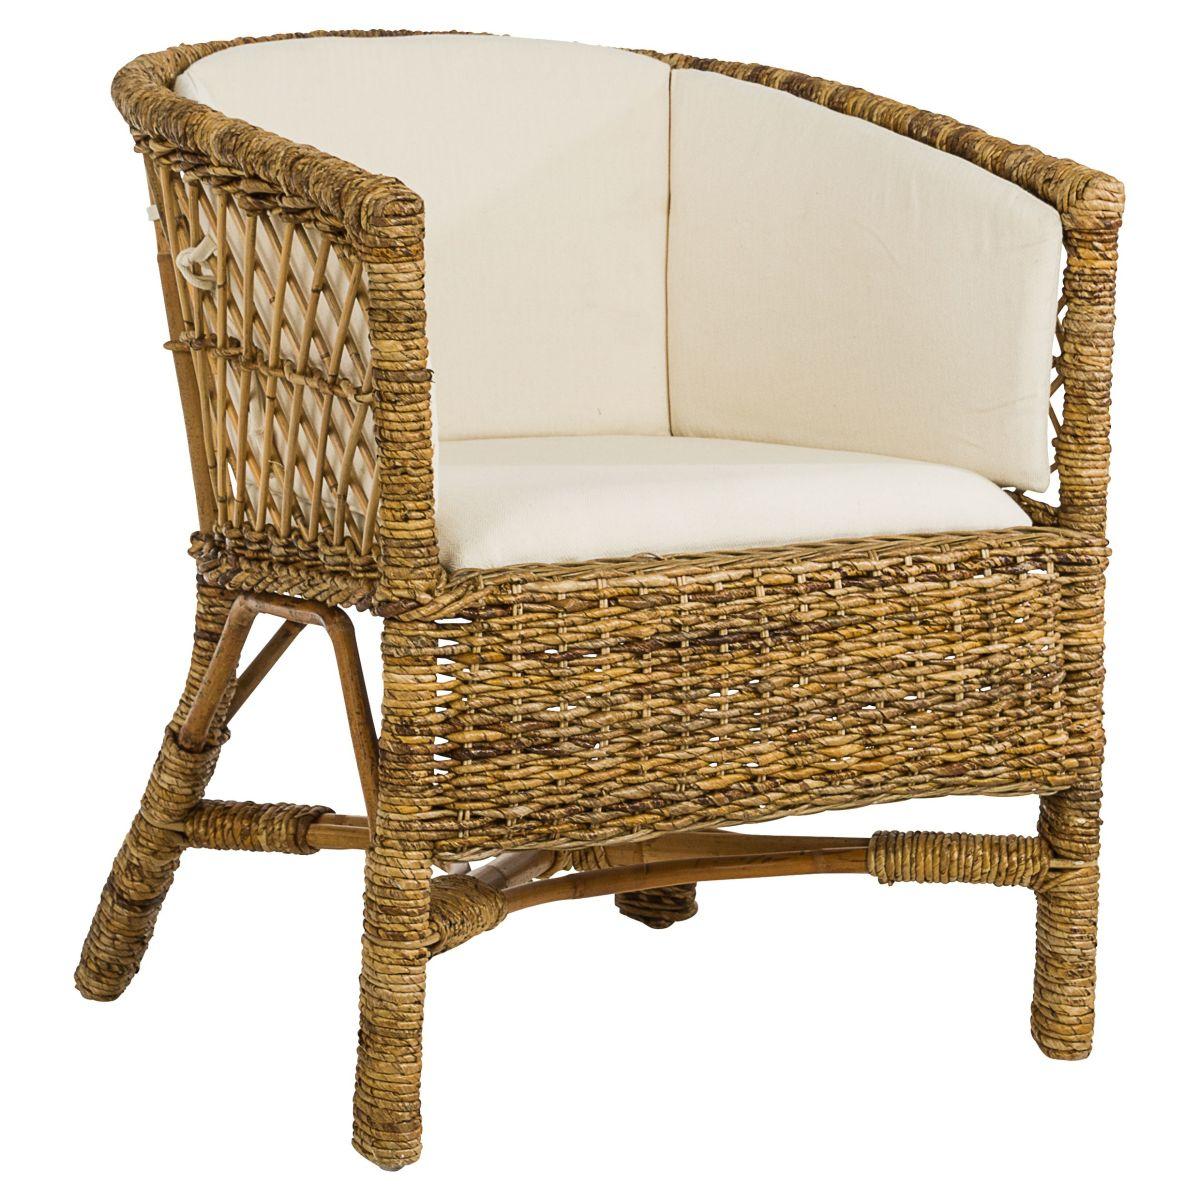 rattan sessel g nstig kaufen. Black Bedroom Furniture Sets. Home Design Ideas